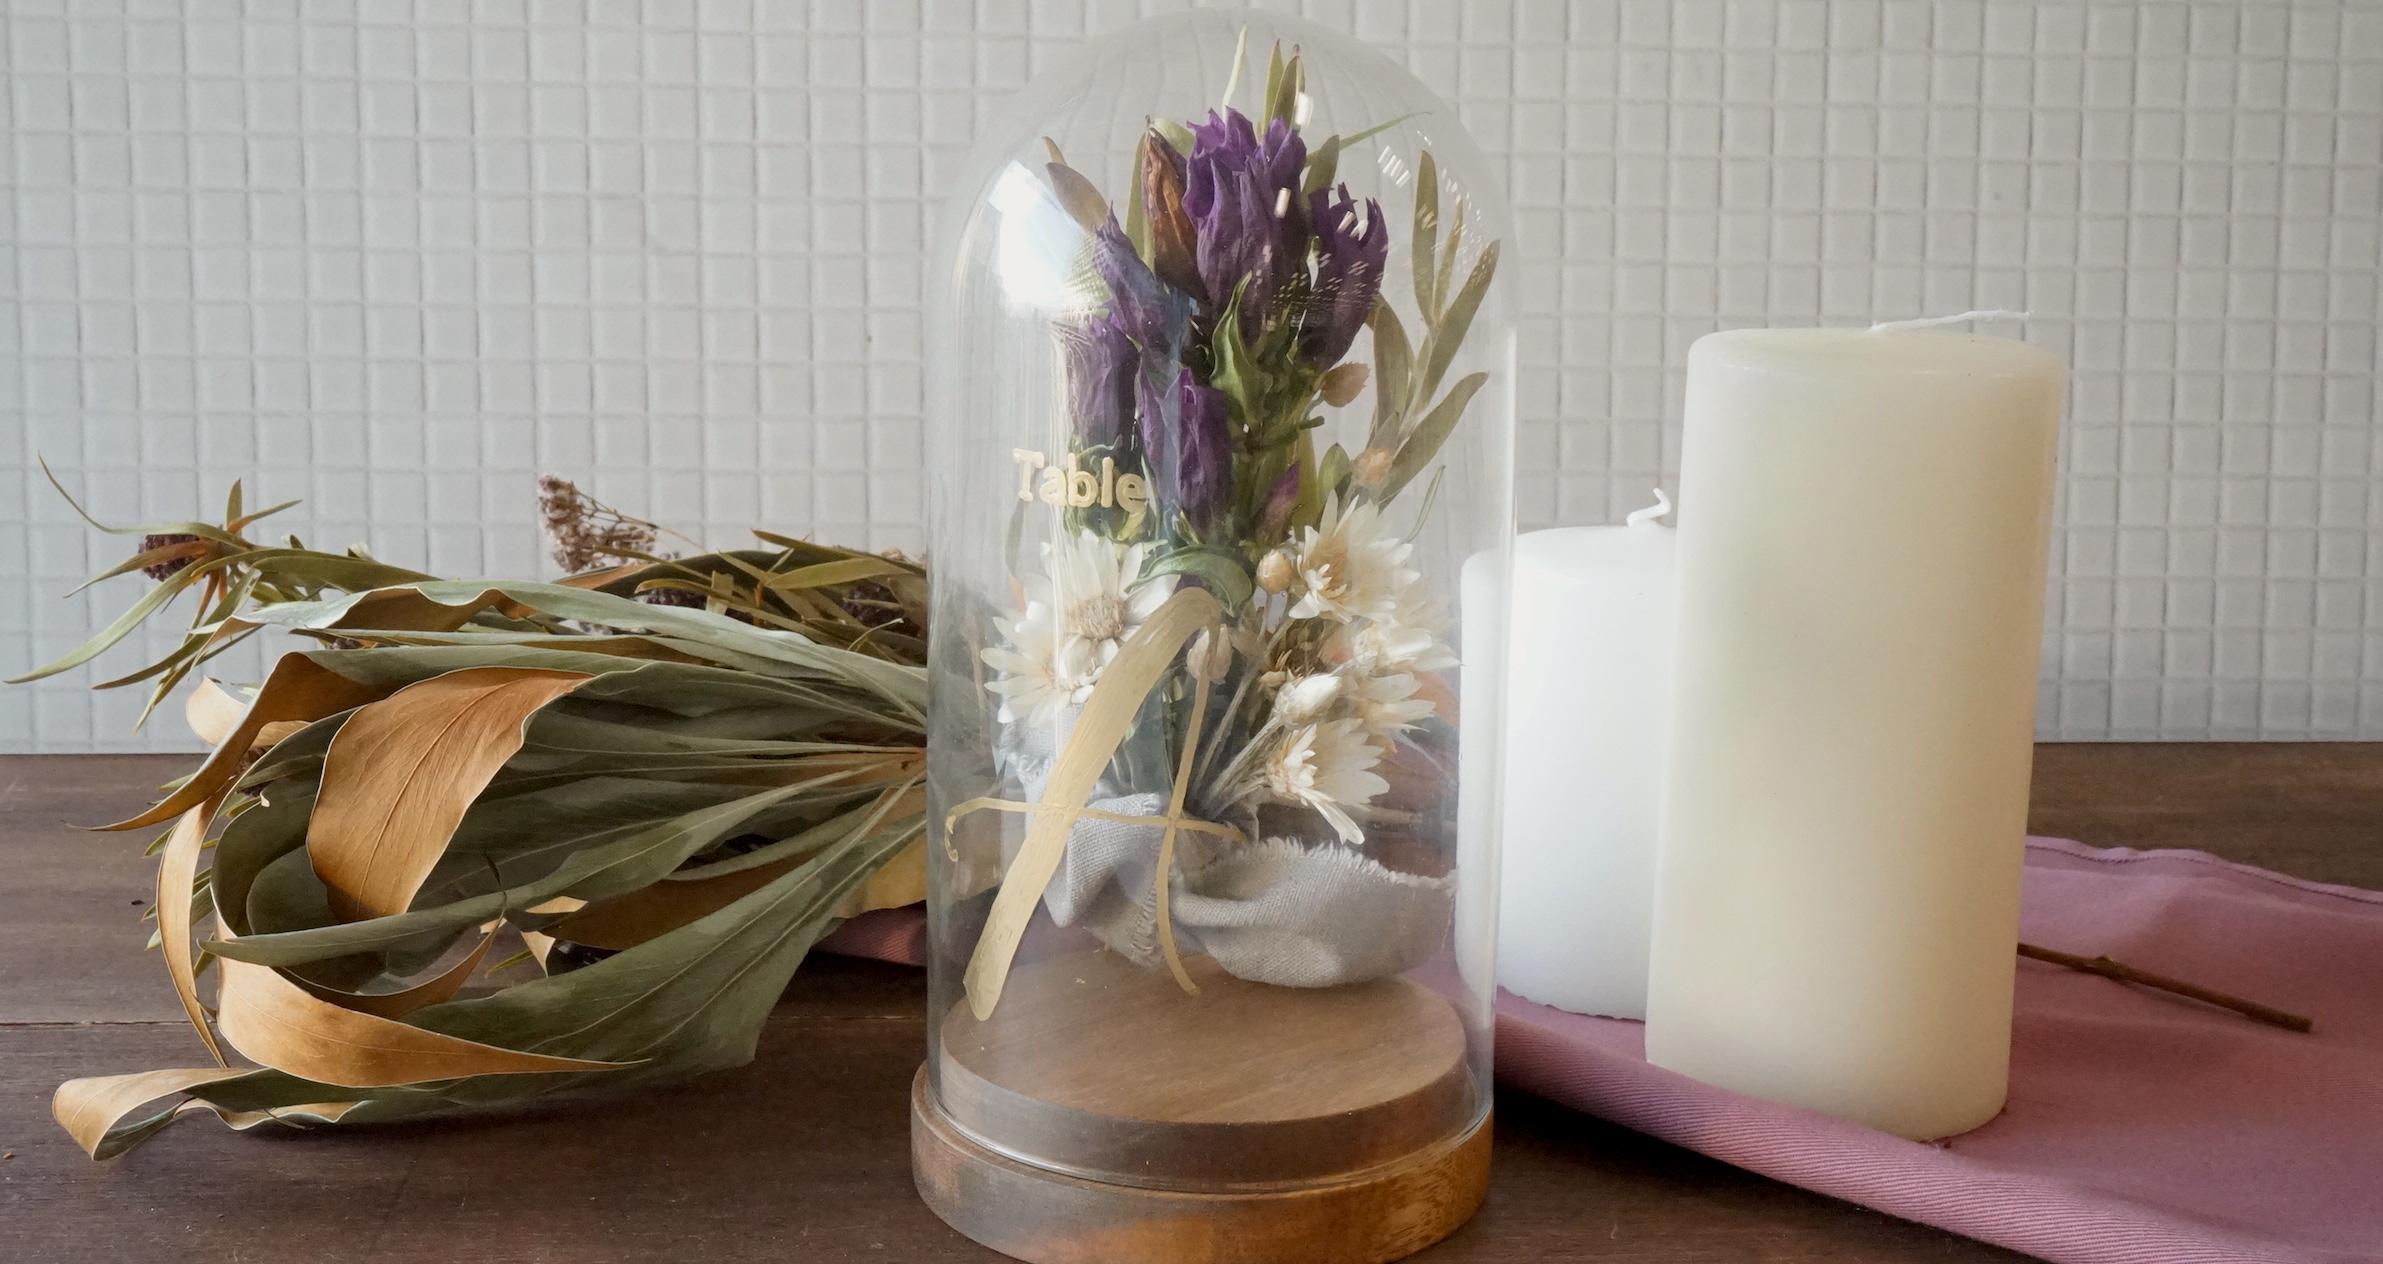 結婚式で大注目のガラス素材を使って。ドライフラワーを入れた簡単テーブルナンバー作り方